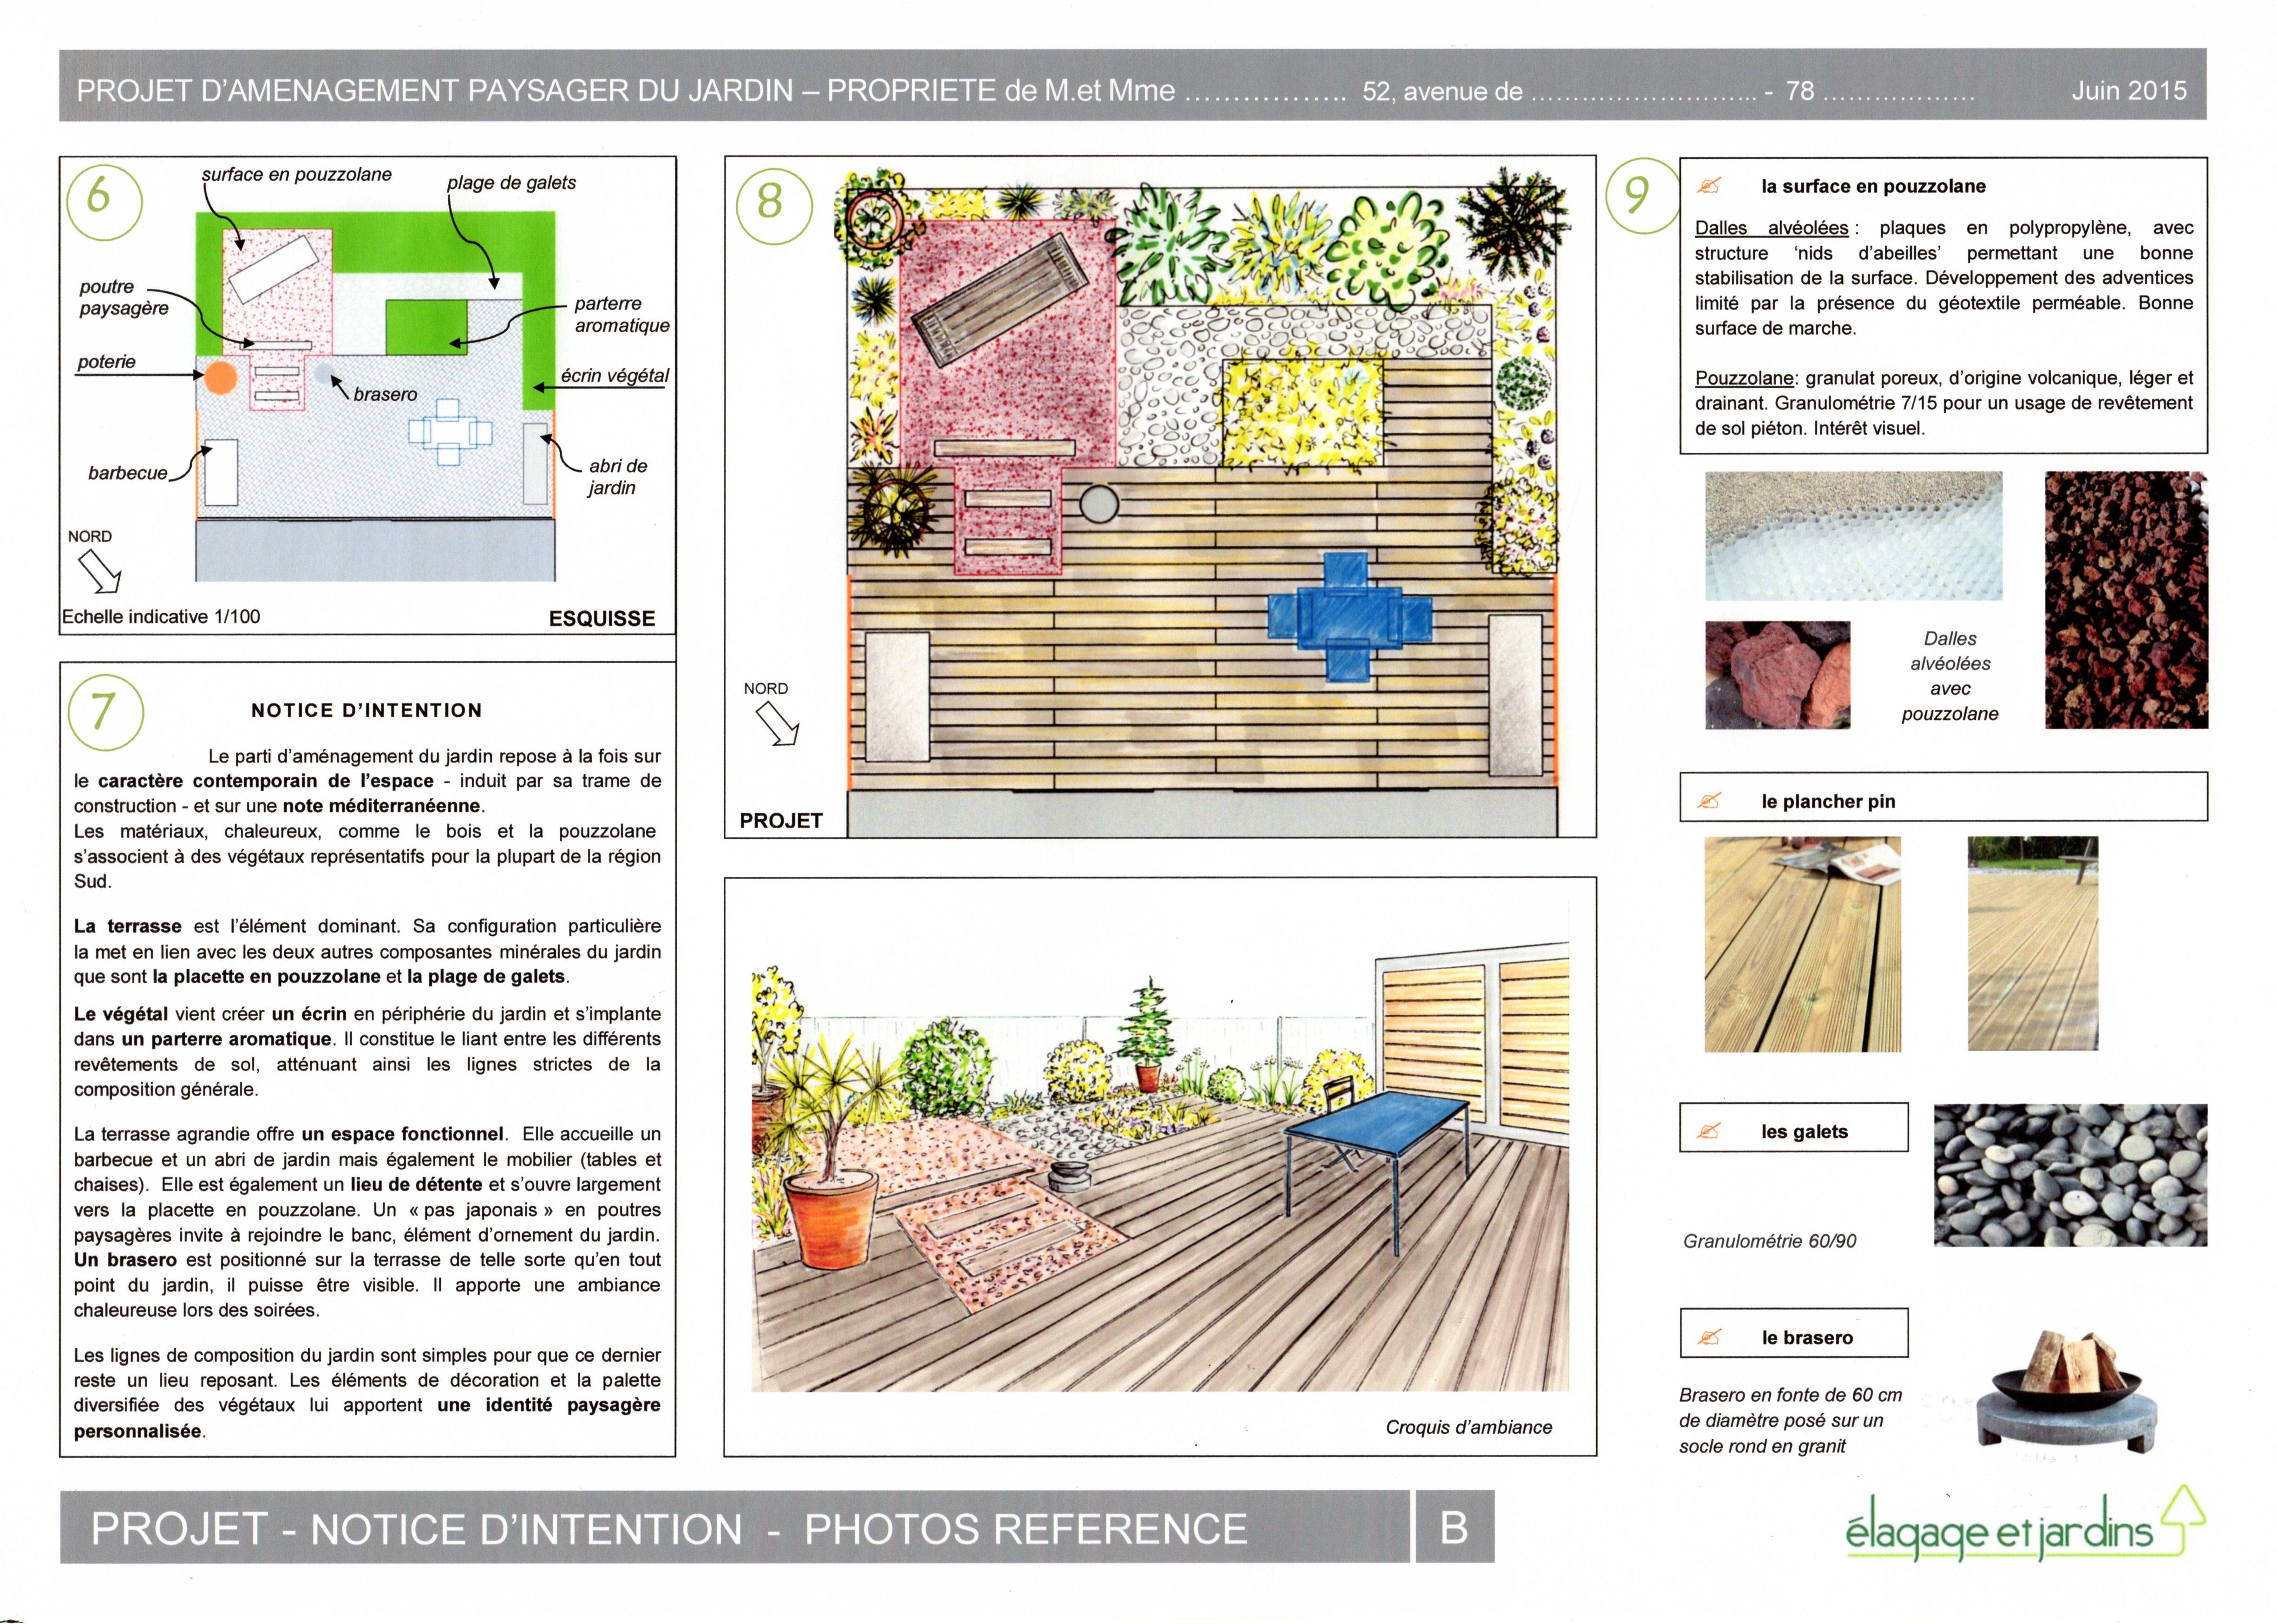 Projet de cr ation d 39 un jardin en pied d 39 une r sidence for Entretien jardin versailles